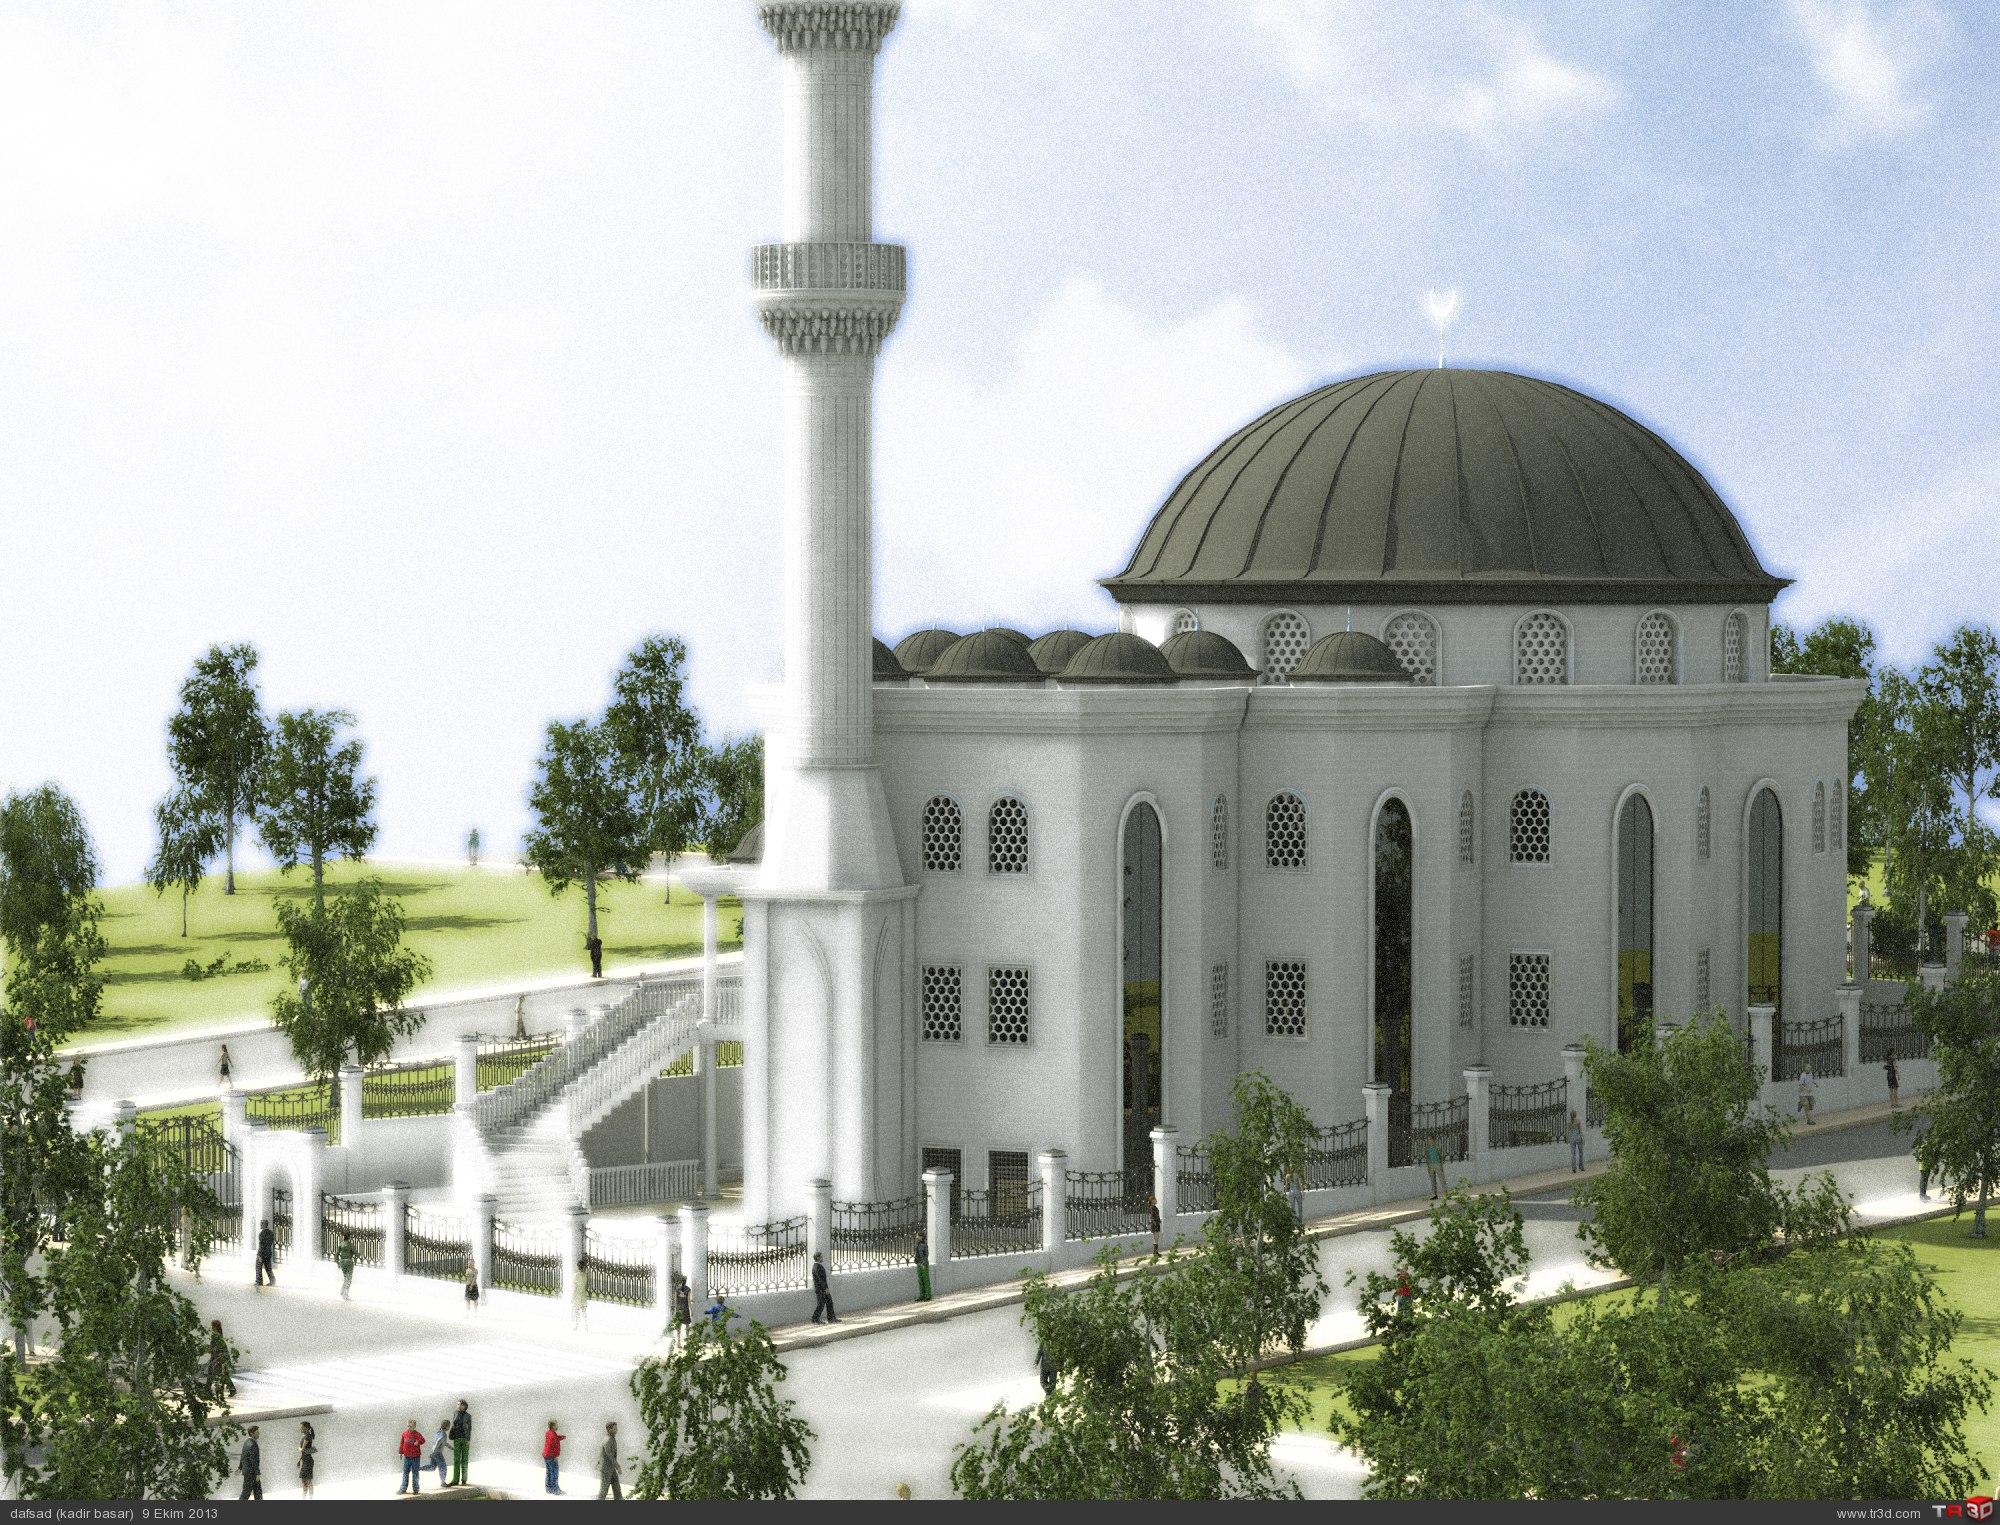 Cami Dış Proje Tasarım ile ilgili görsel sonucu